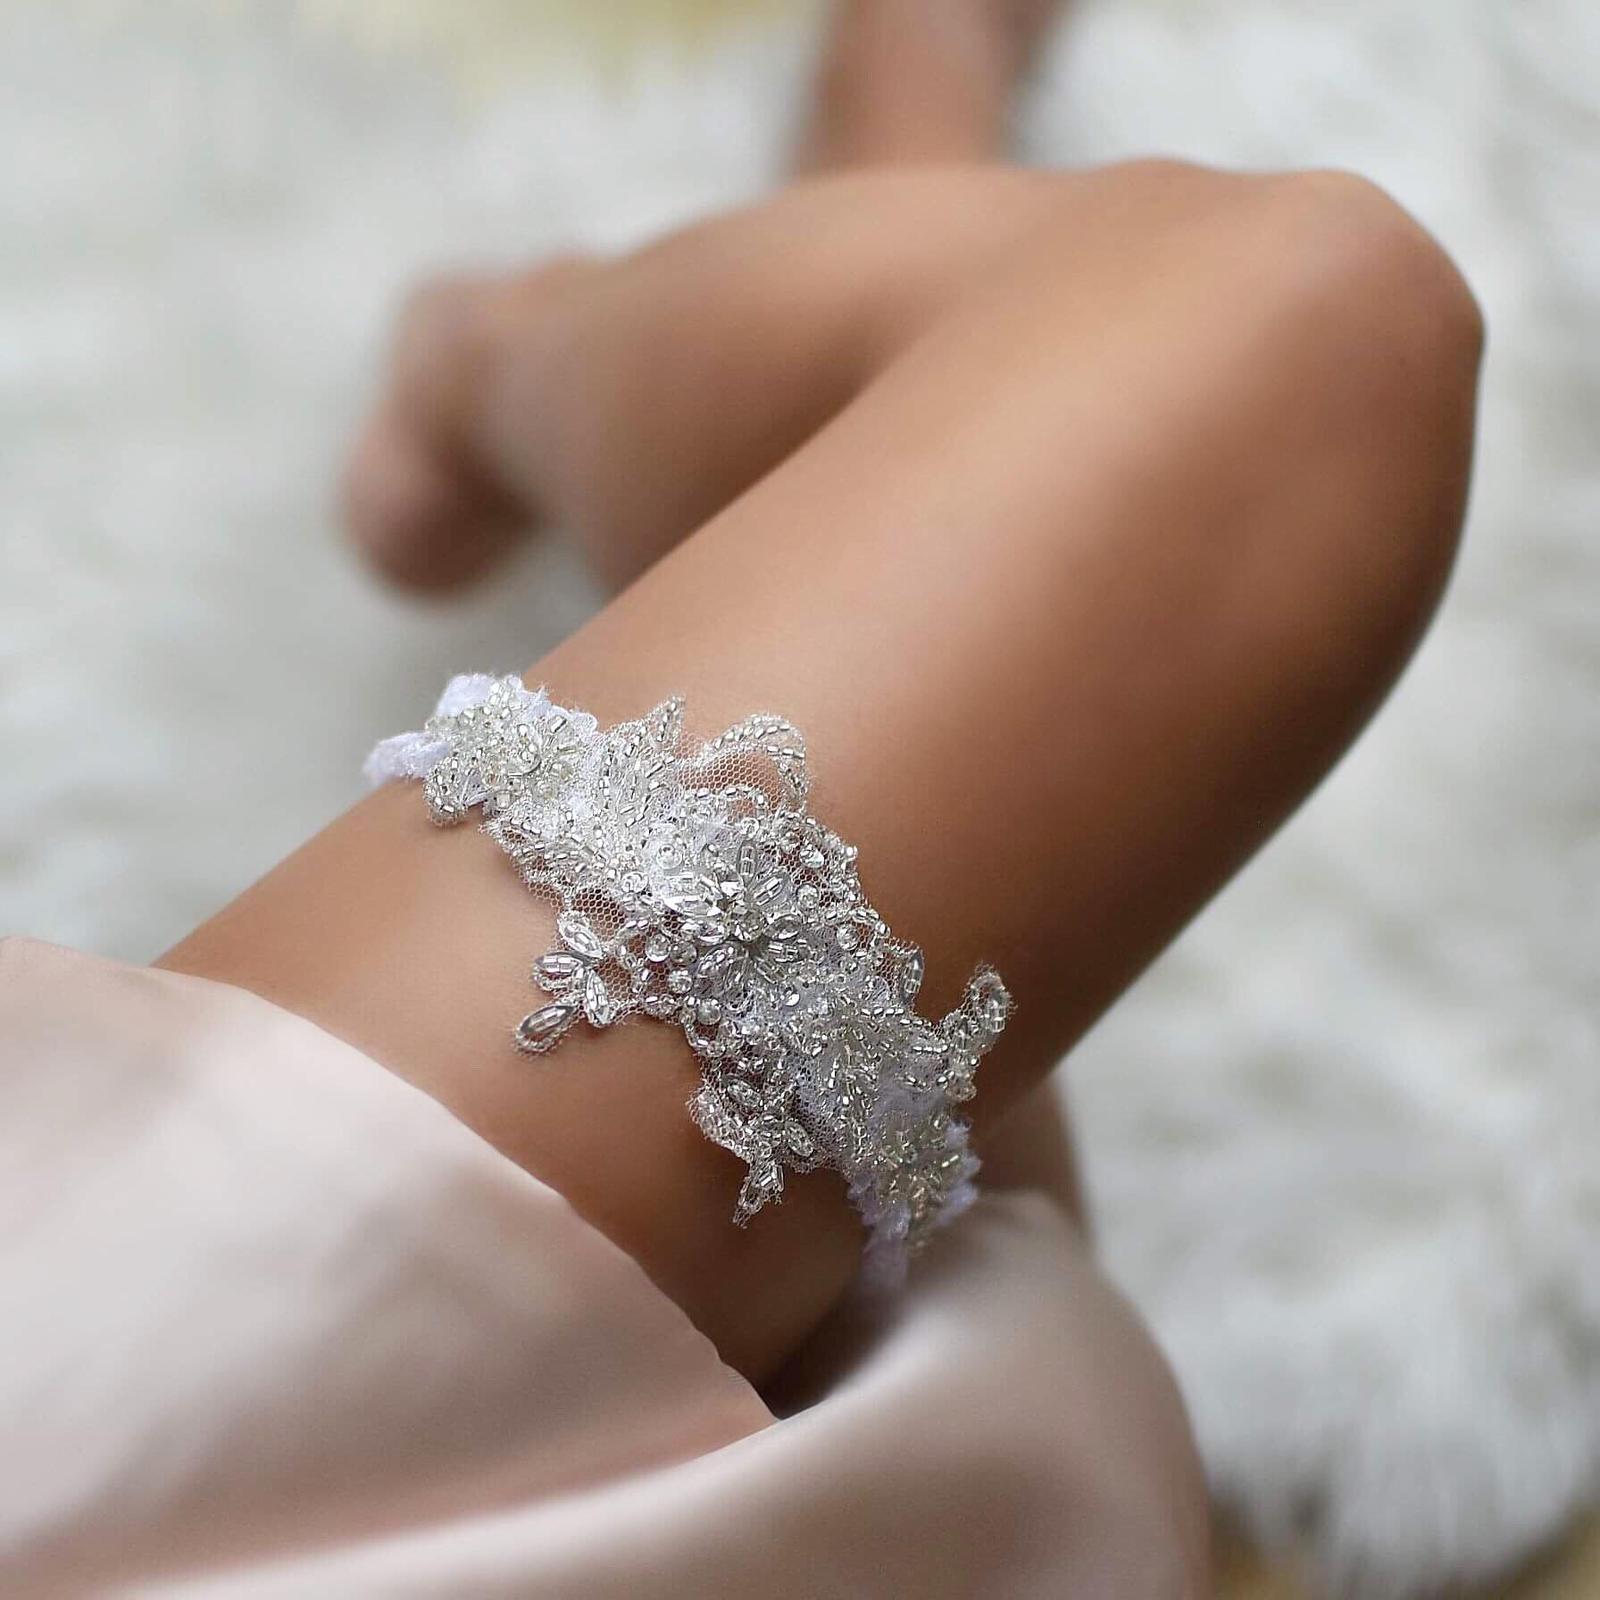 Najnovšie svadobné podväzky z dielne MARIEE DESIGN - Objednáš v eshope: www.marieedesign.sk